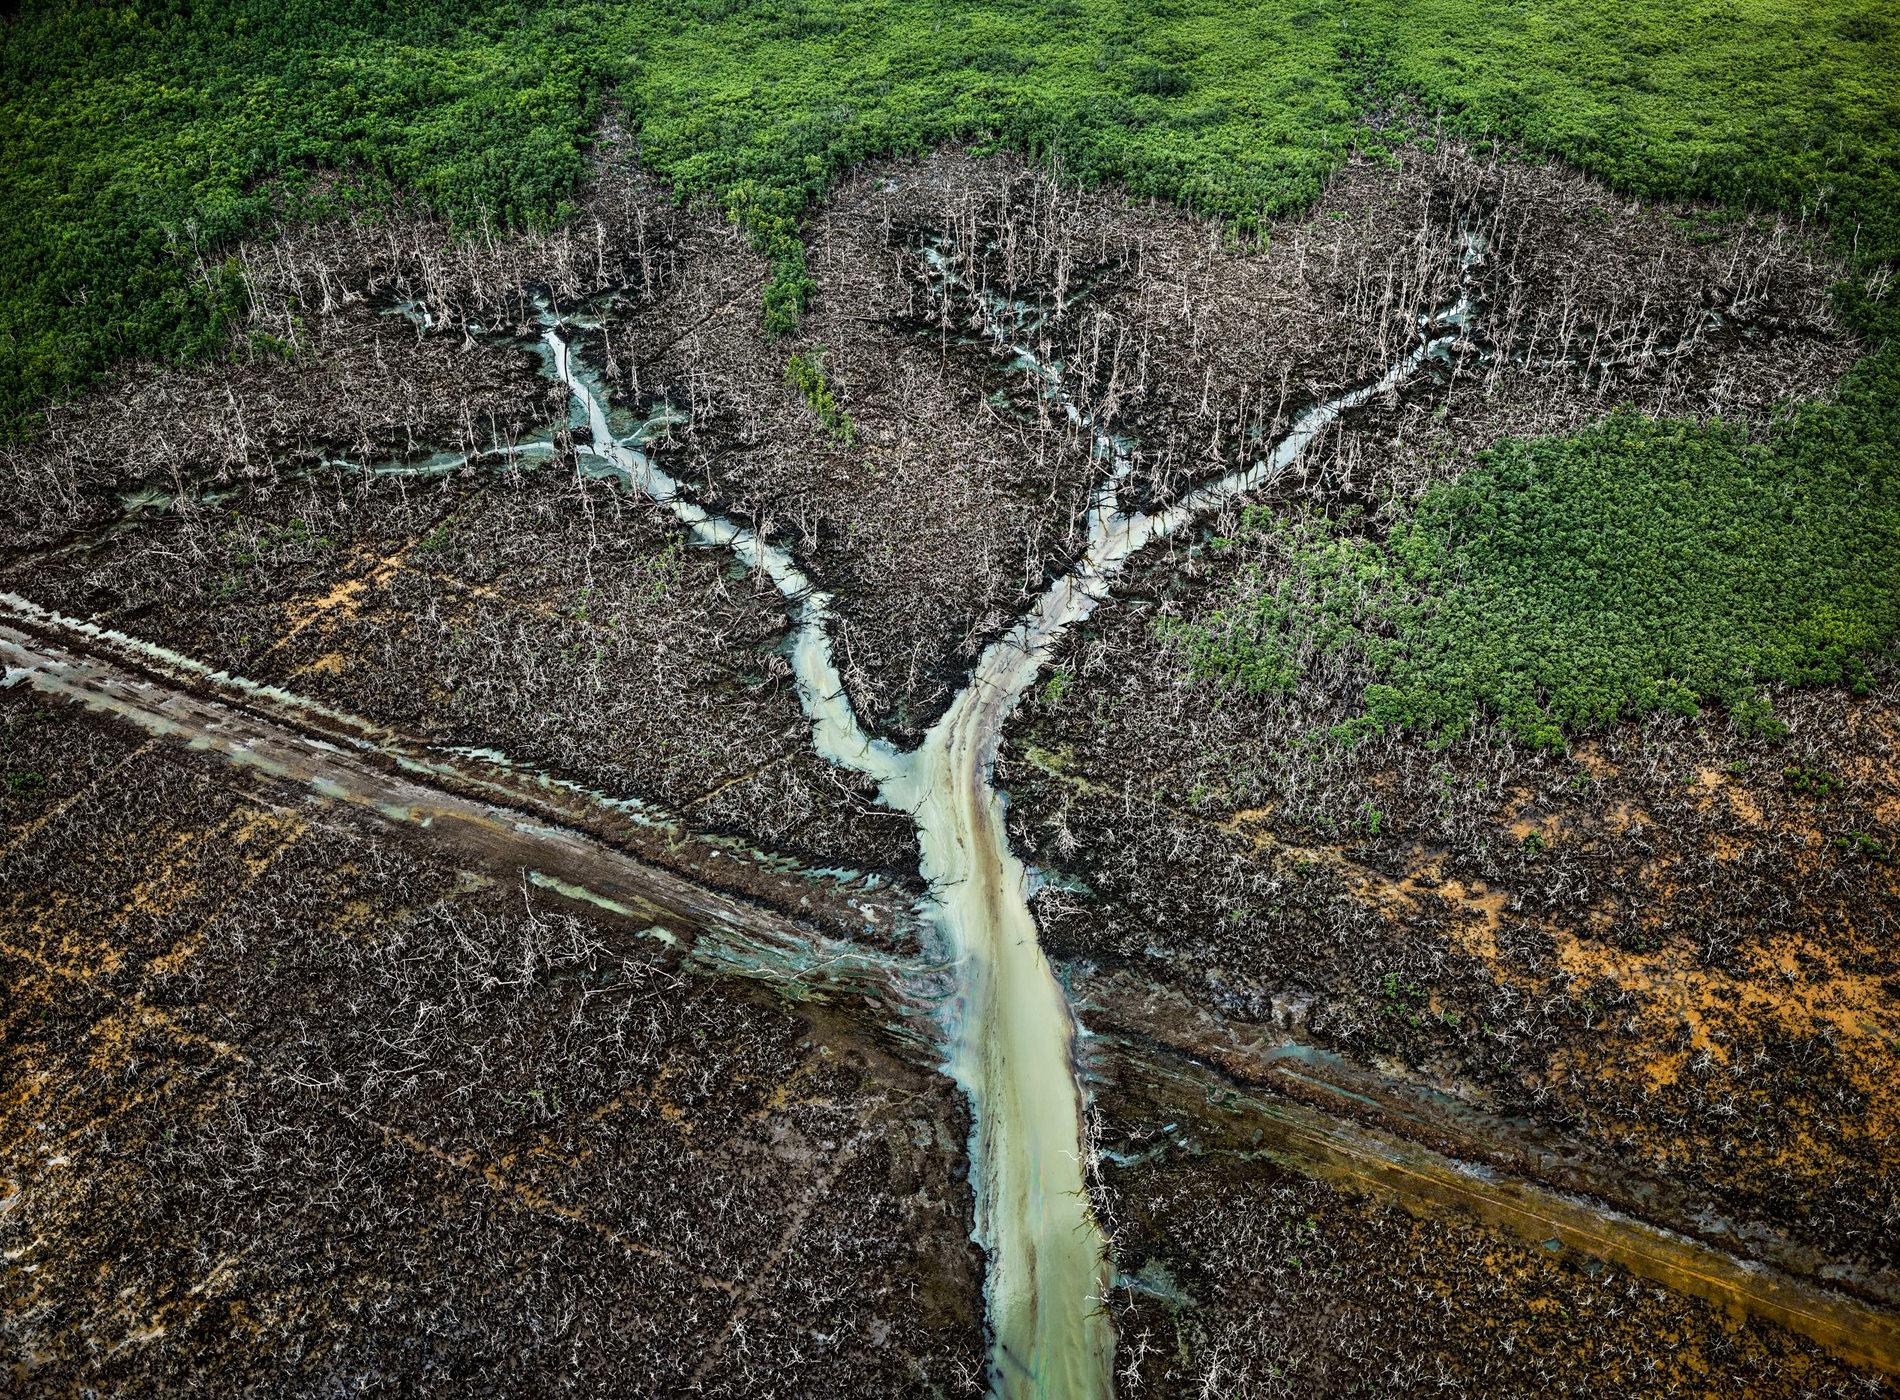 Edward Burtynski Photographie Oil Bunkering No2 Niger Delta Nigeria 2016